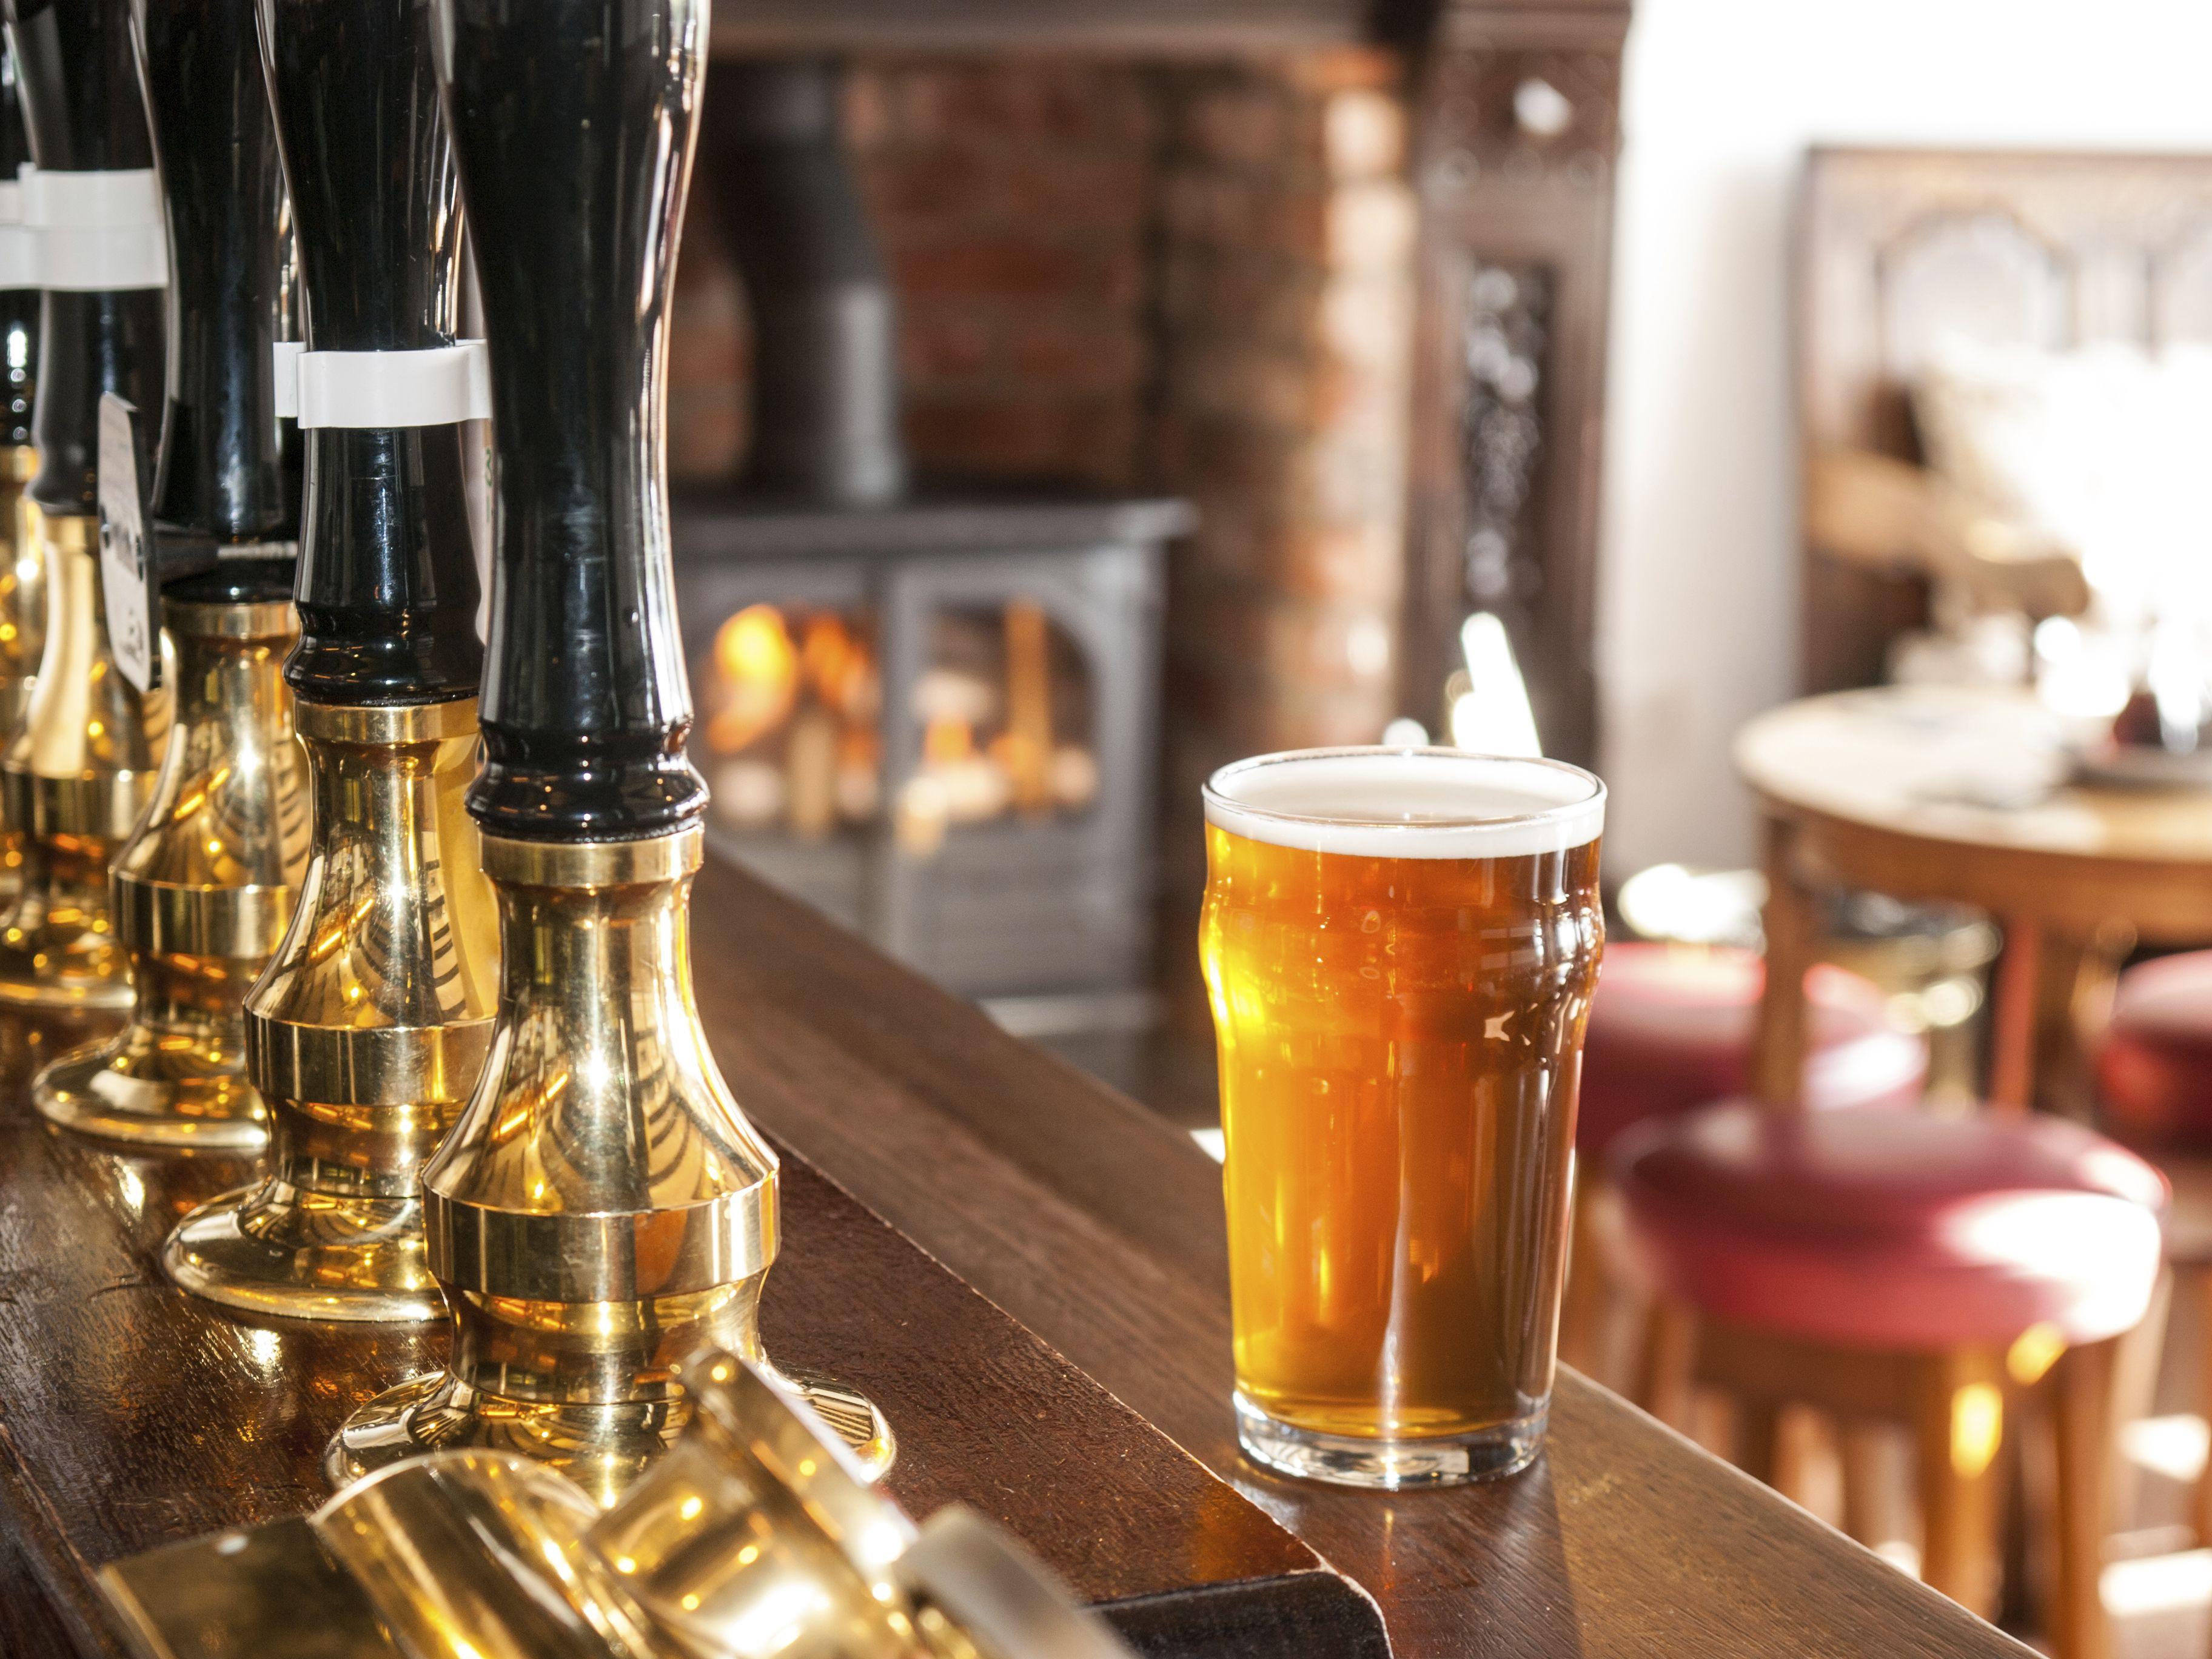 Cervecería internacional Vilafranca del Penedes